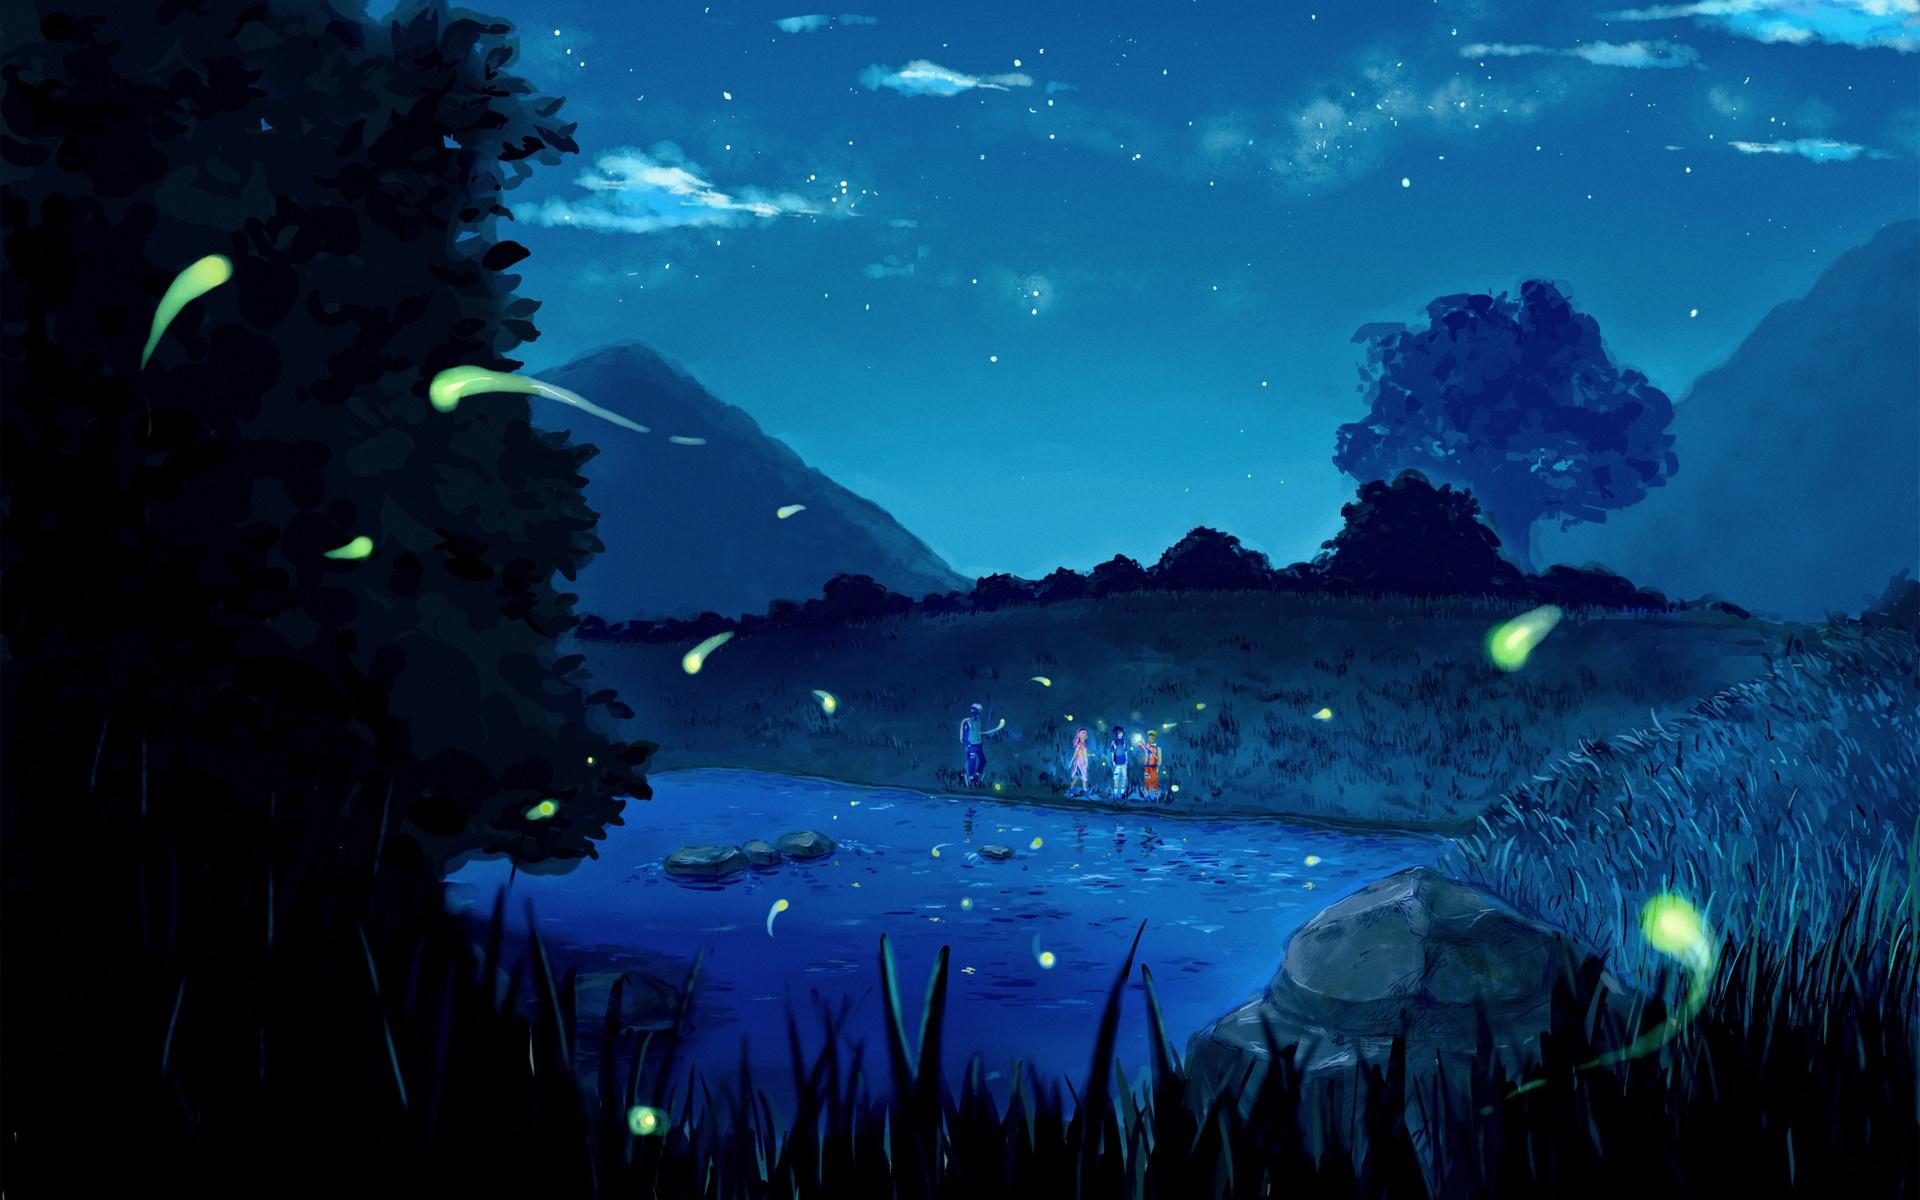 kakashi hatake naruto uzumaki sakura haruno sasuke